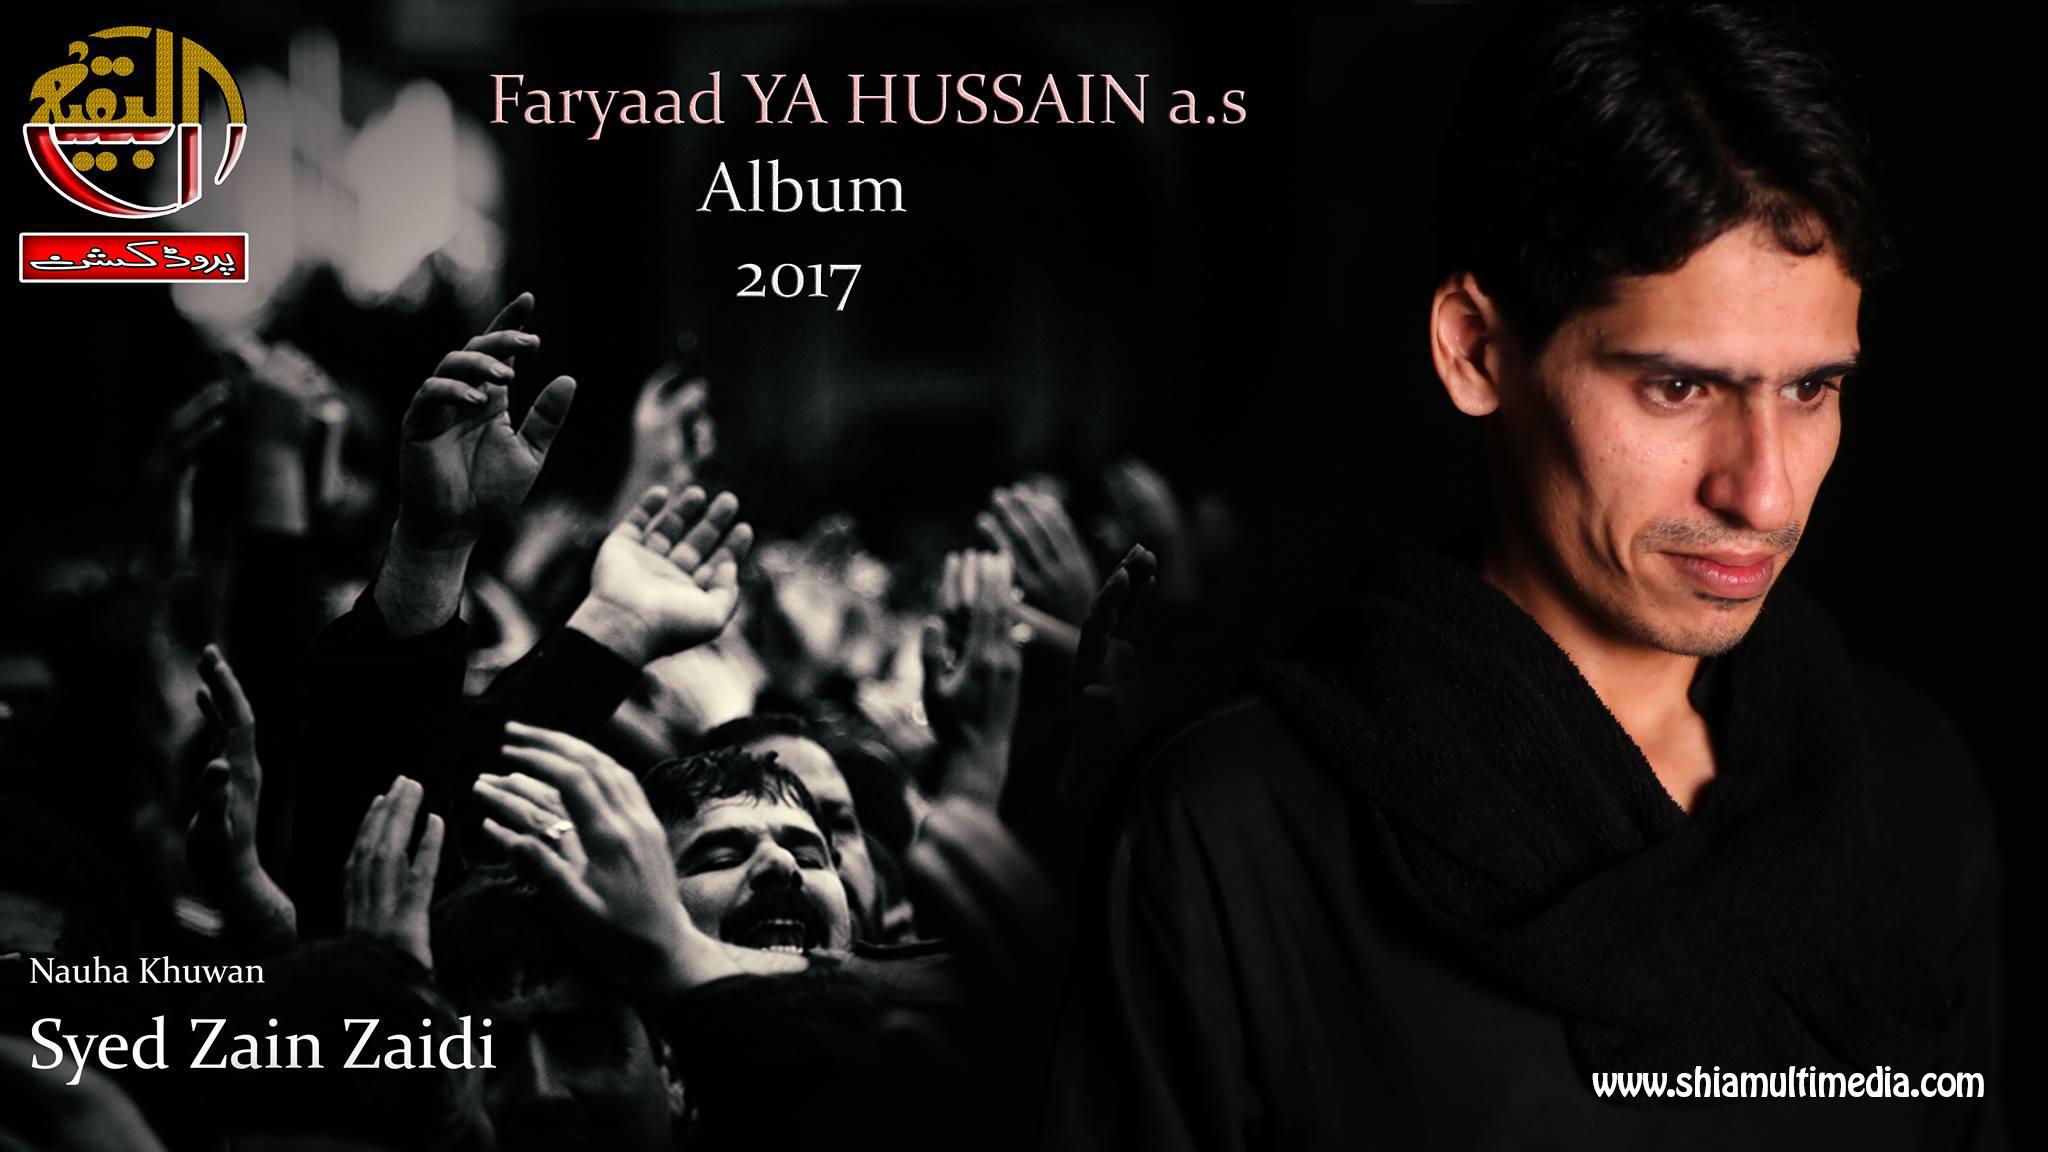 Syed Zain Zaidi